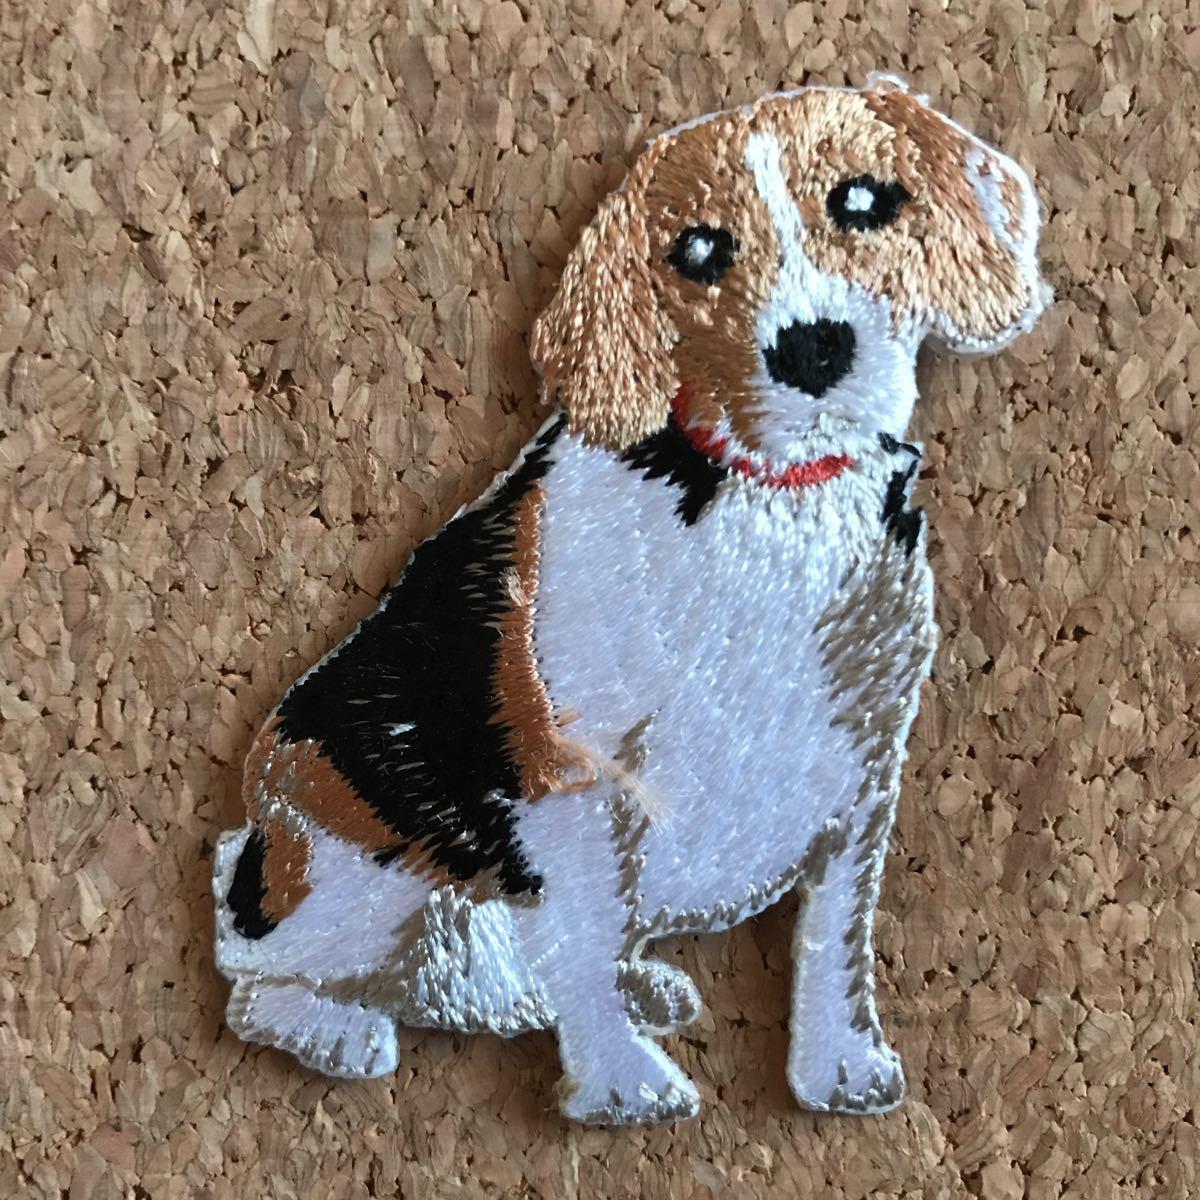 【ワッペン1枚】ビーグル★アイロン刺繍ワッペン☆入園入学新学期準備にアップリケ 動物 ペット 生き物 犬 わんちゃん